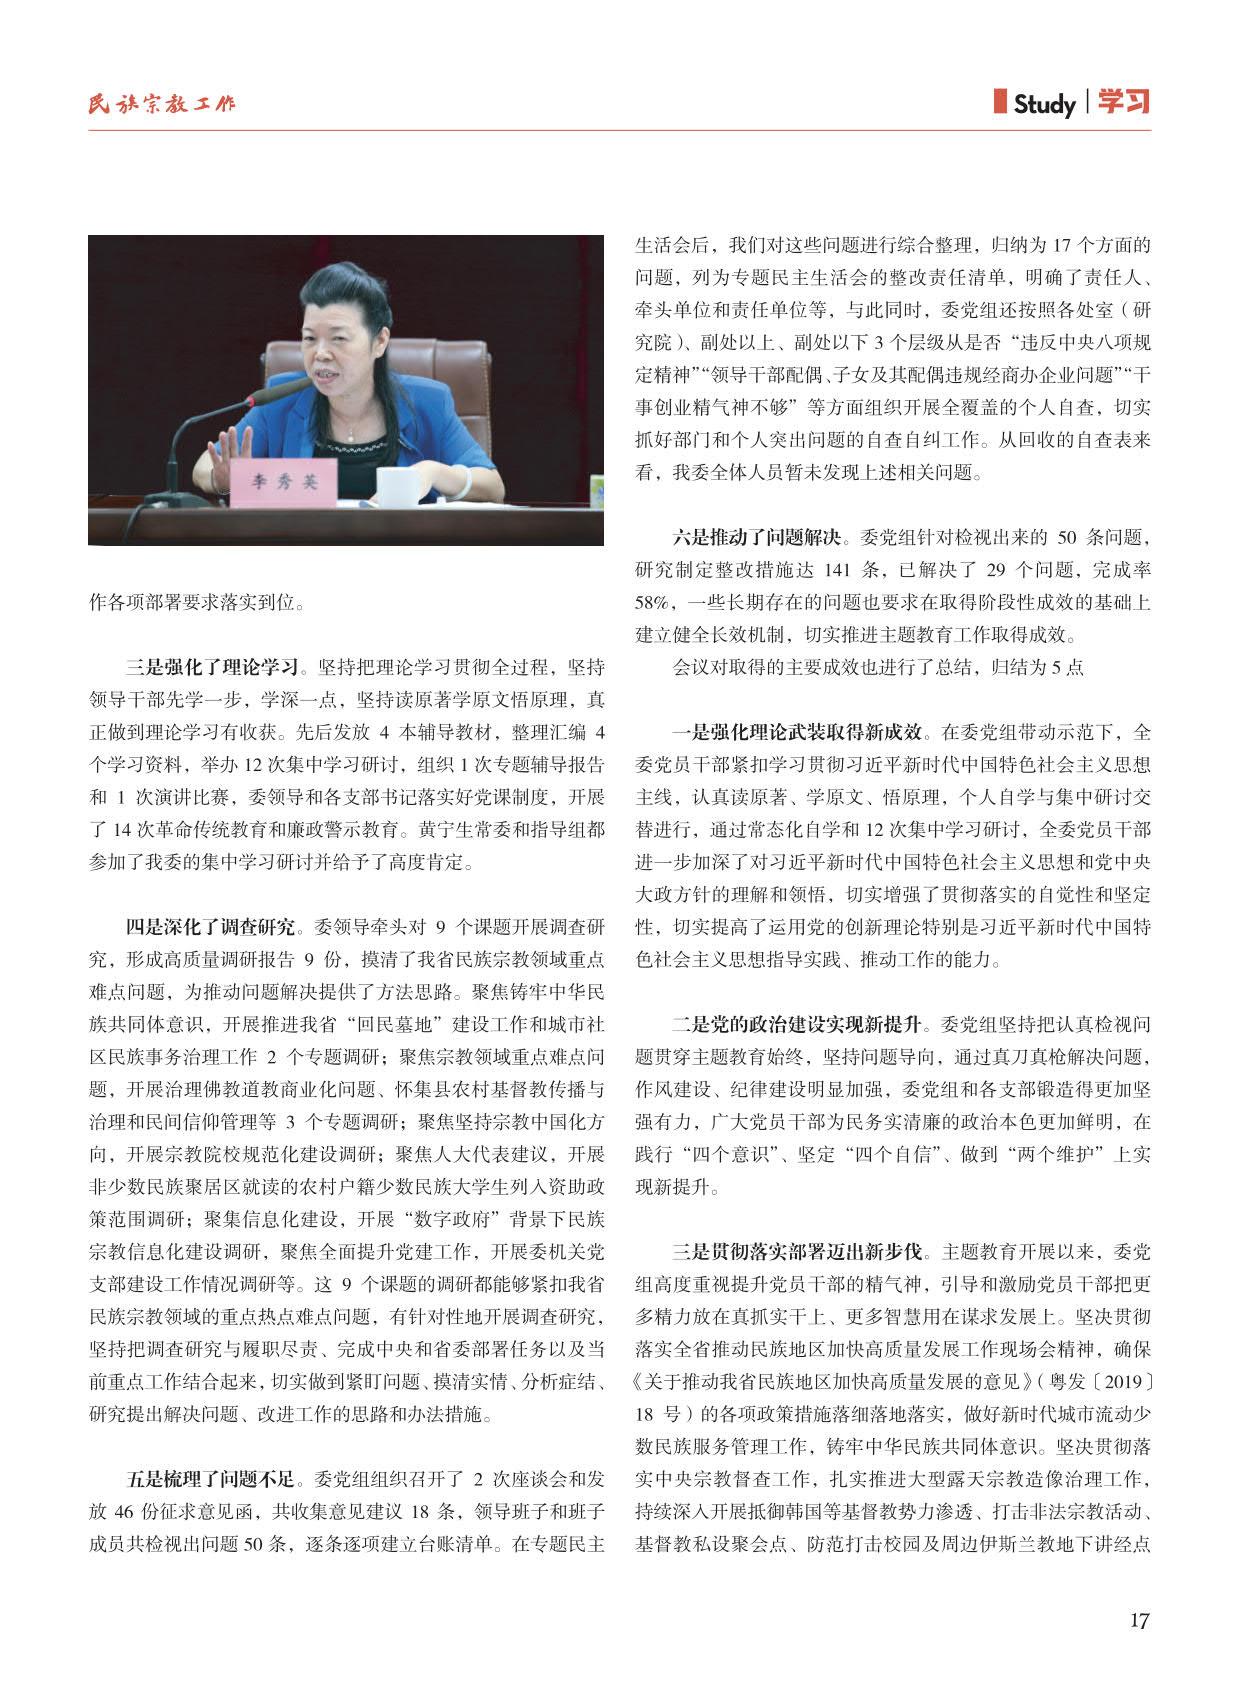 民宗委 十月(1)_19.jpg